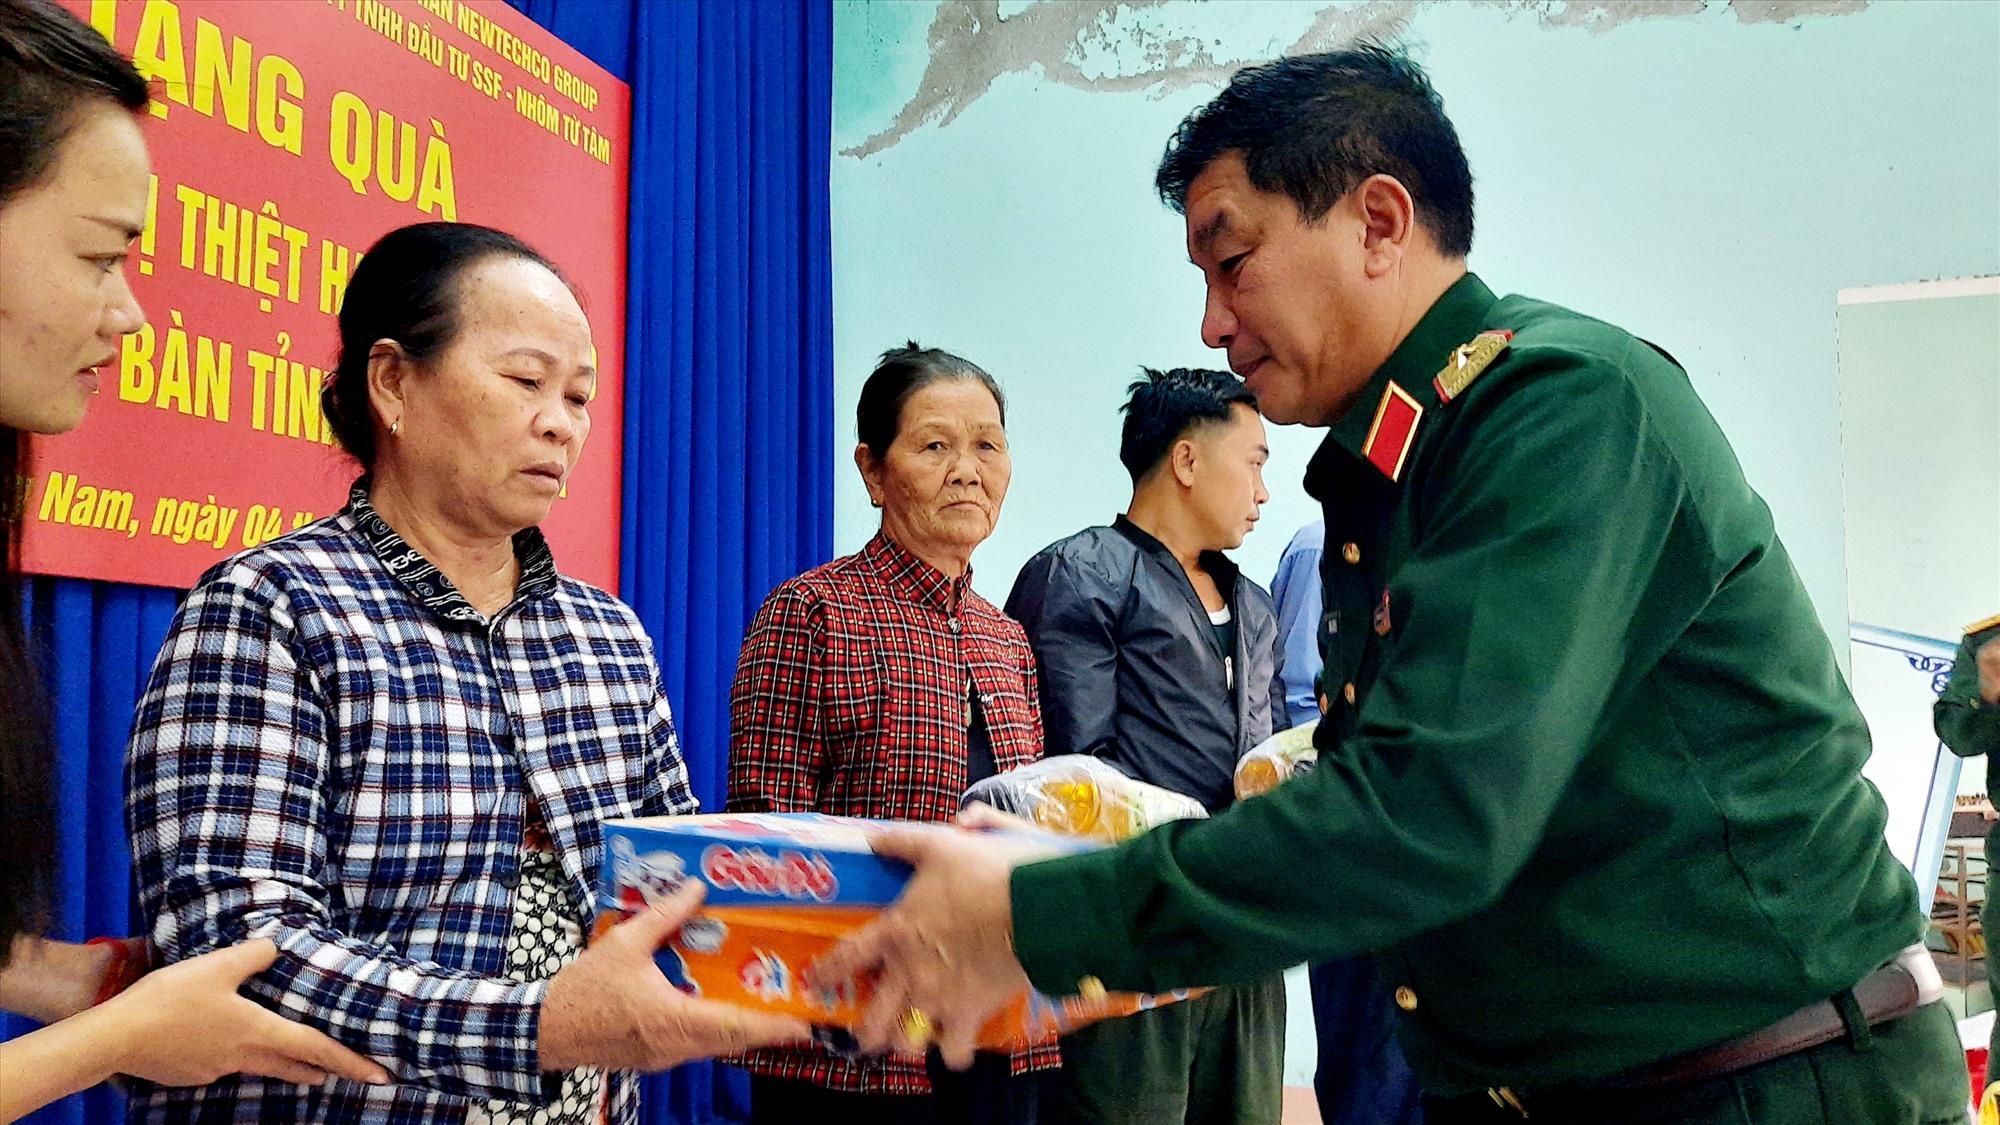 Thiếu tướng Trương Thiên Tô tặng quà cho người dân xã Tam Hòa (Núi Thành). Ảnh: Đ.ĐẠO